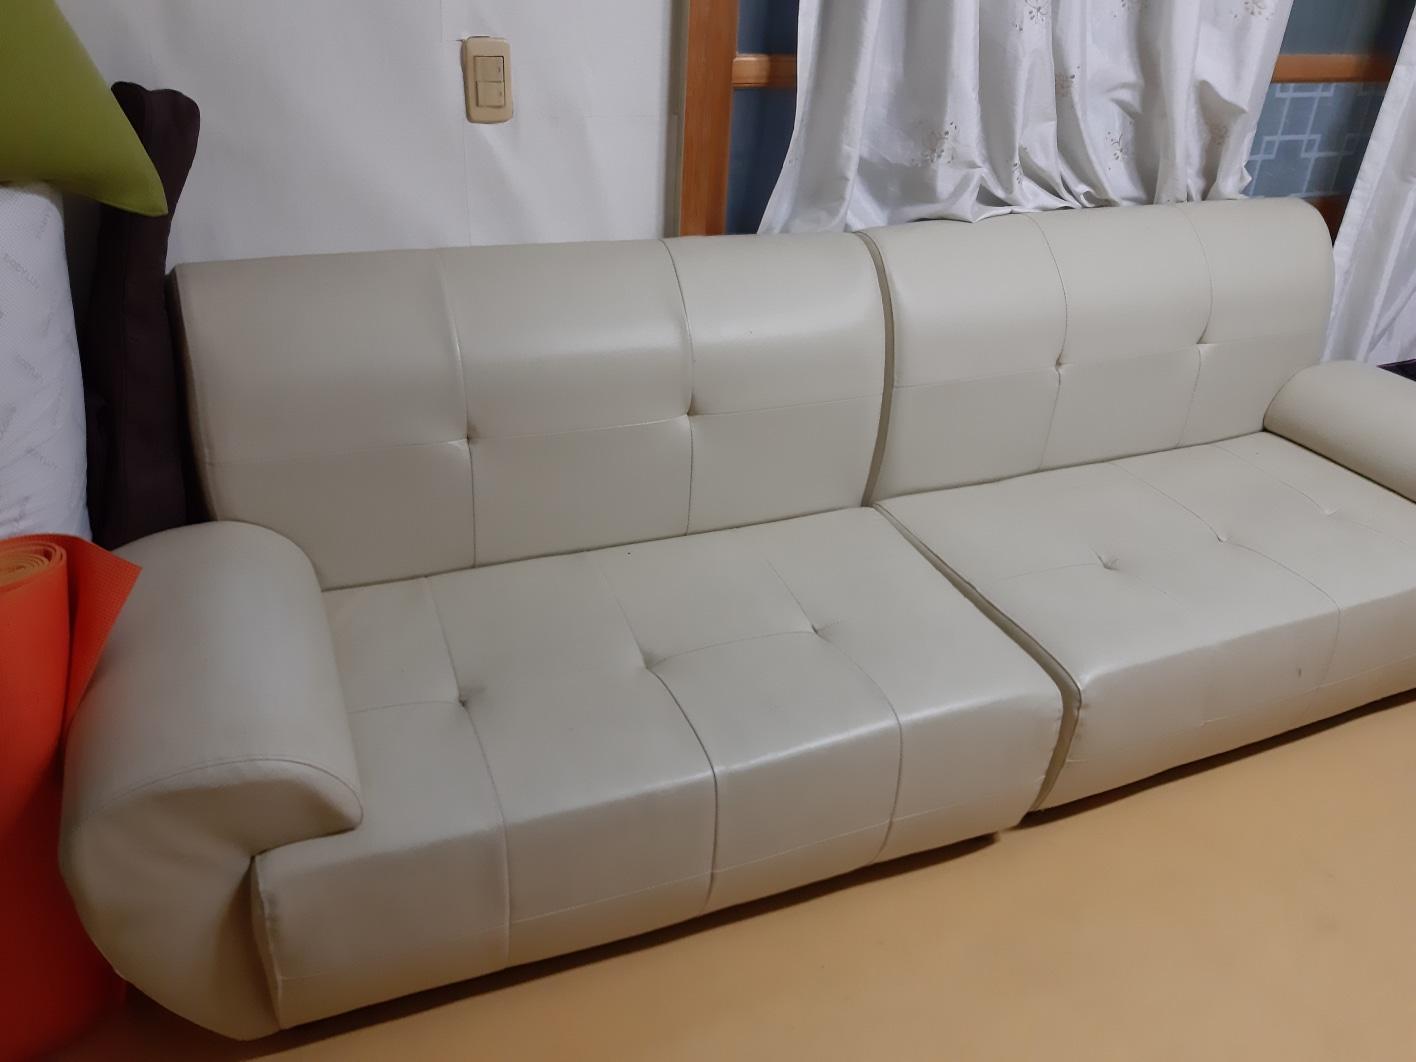 쇼파 와 좌식 의자쇼파